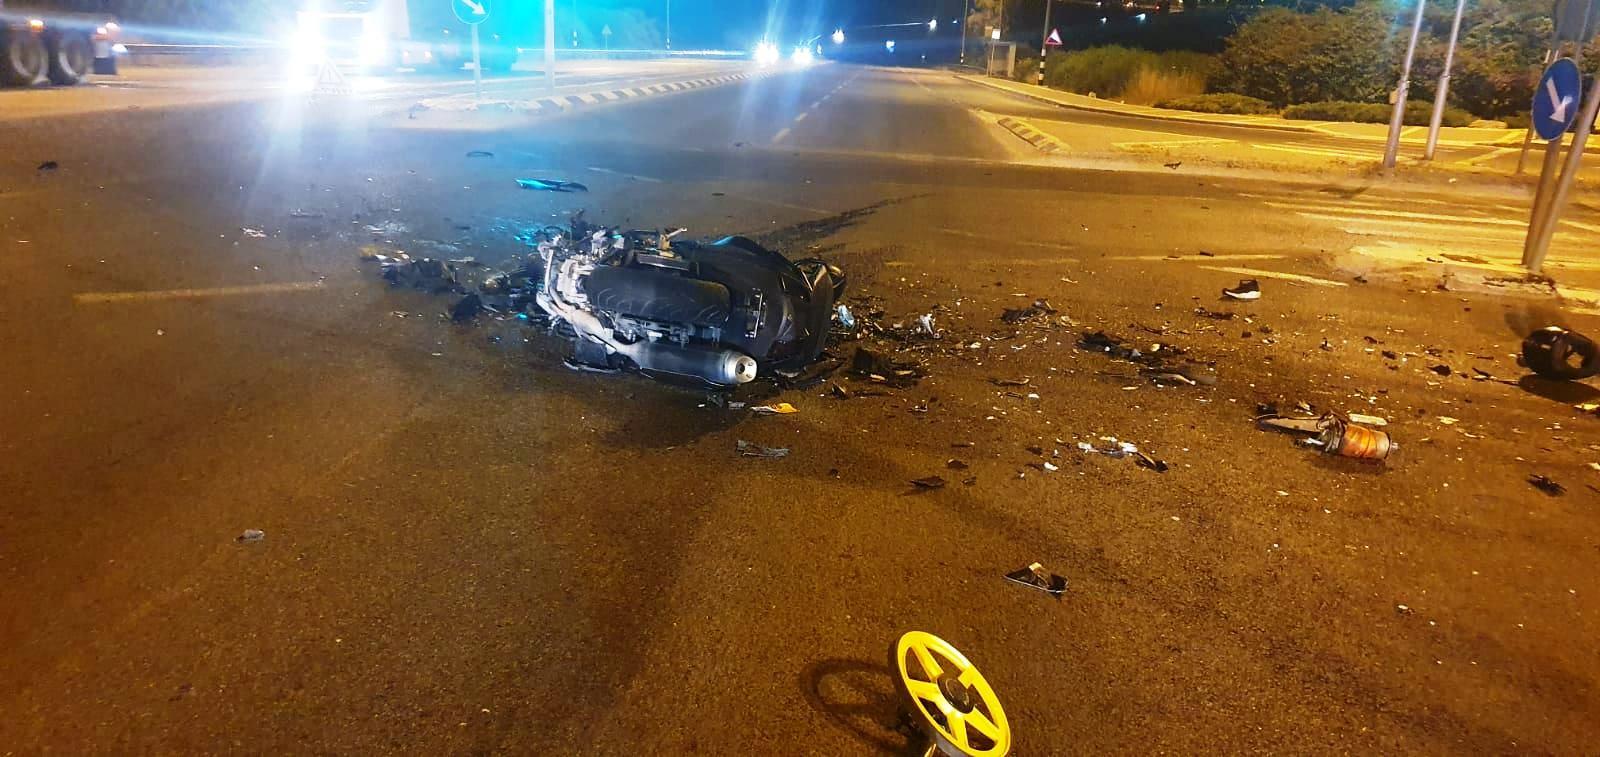 זירת התאונה בכביש 65 סבה נהרג הרוכב בן ה-18